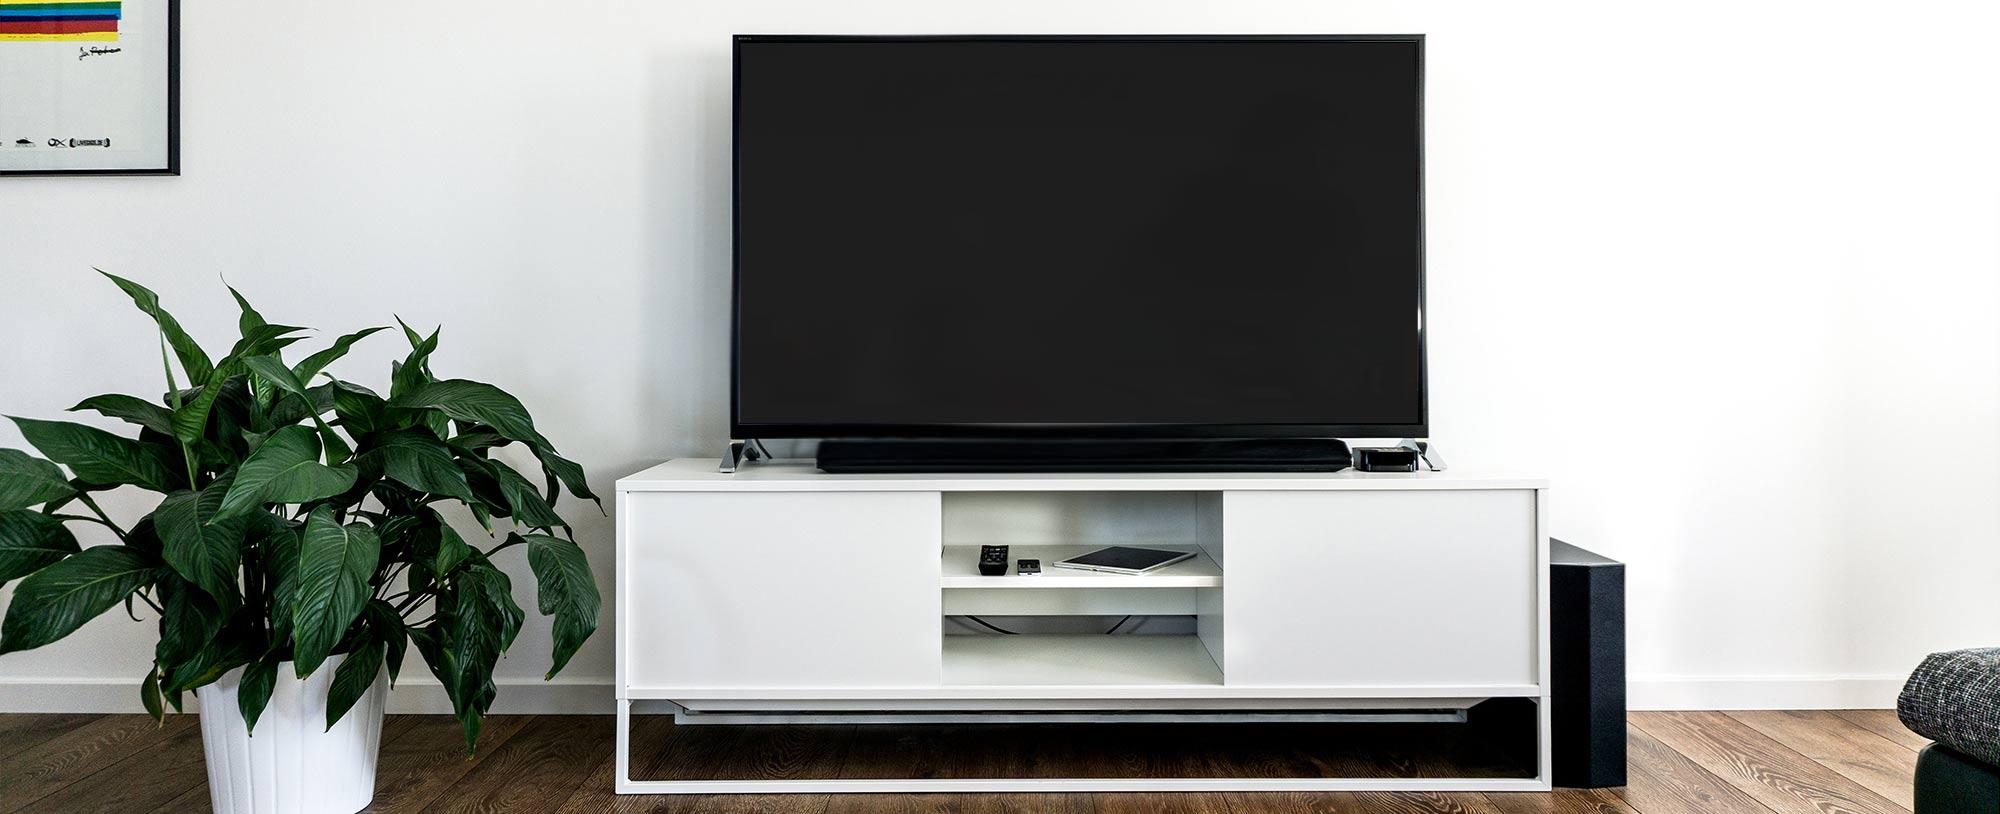 Fernseher kaufen Leonberg